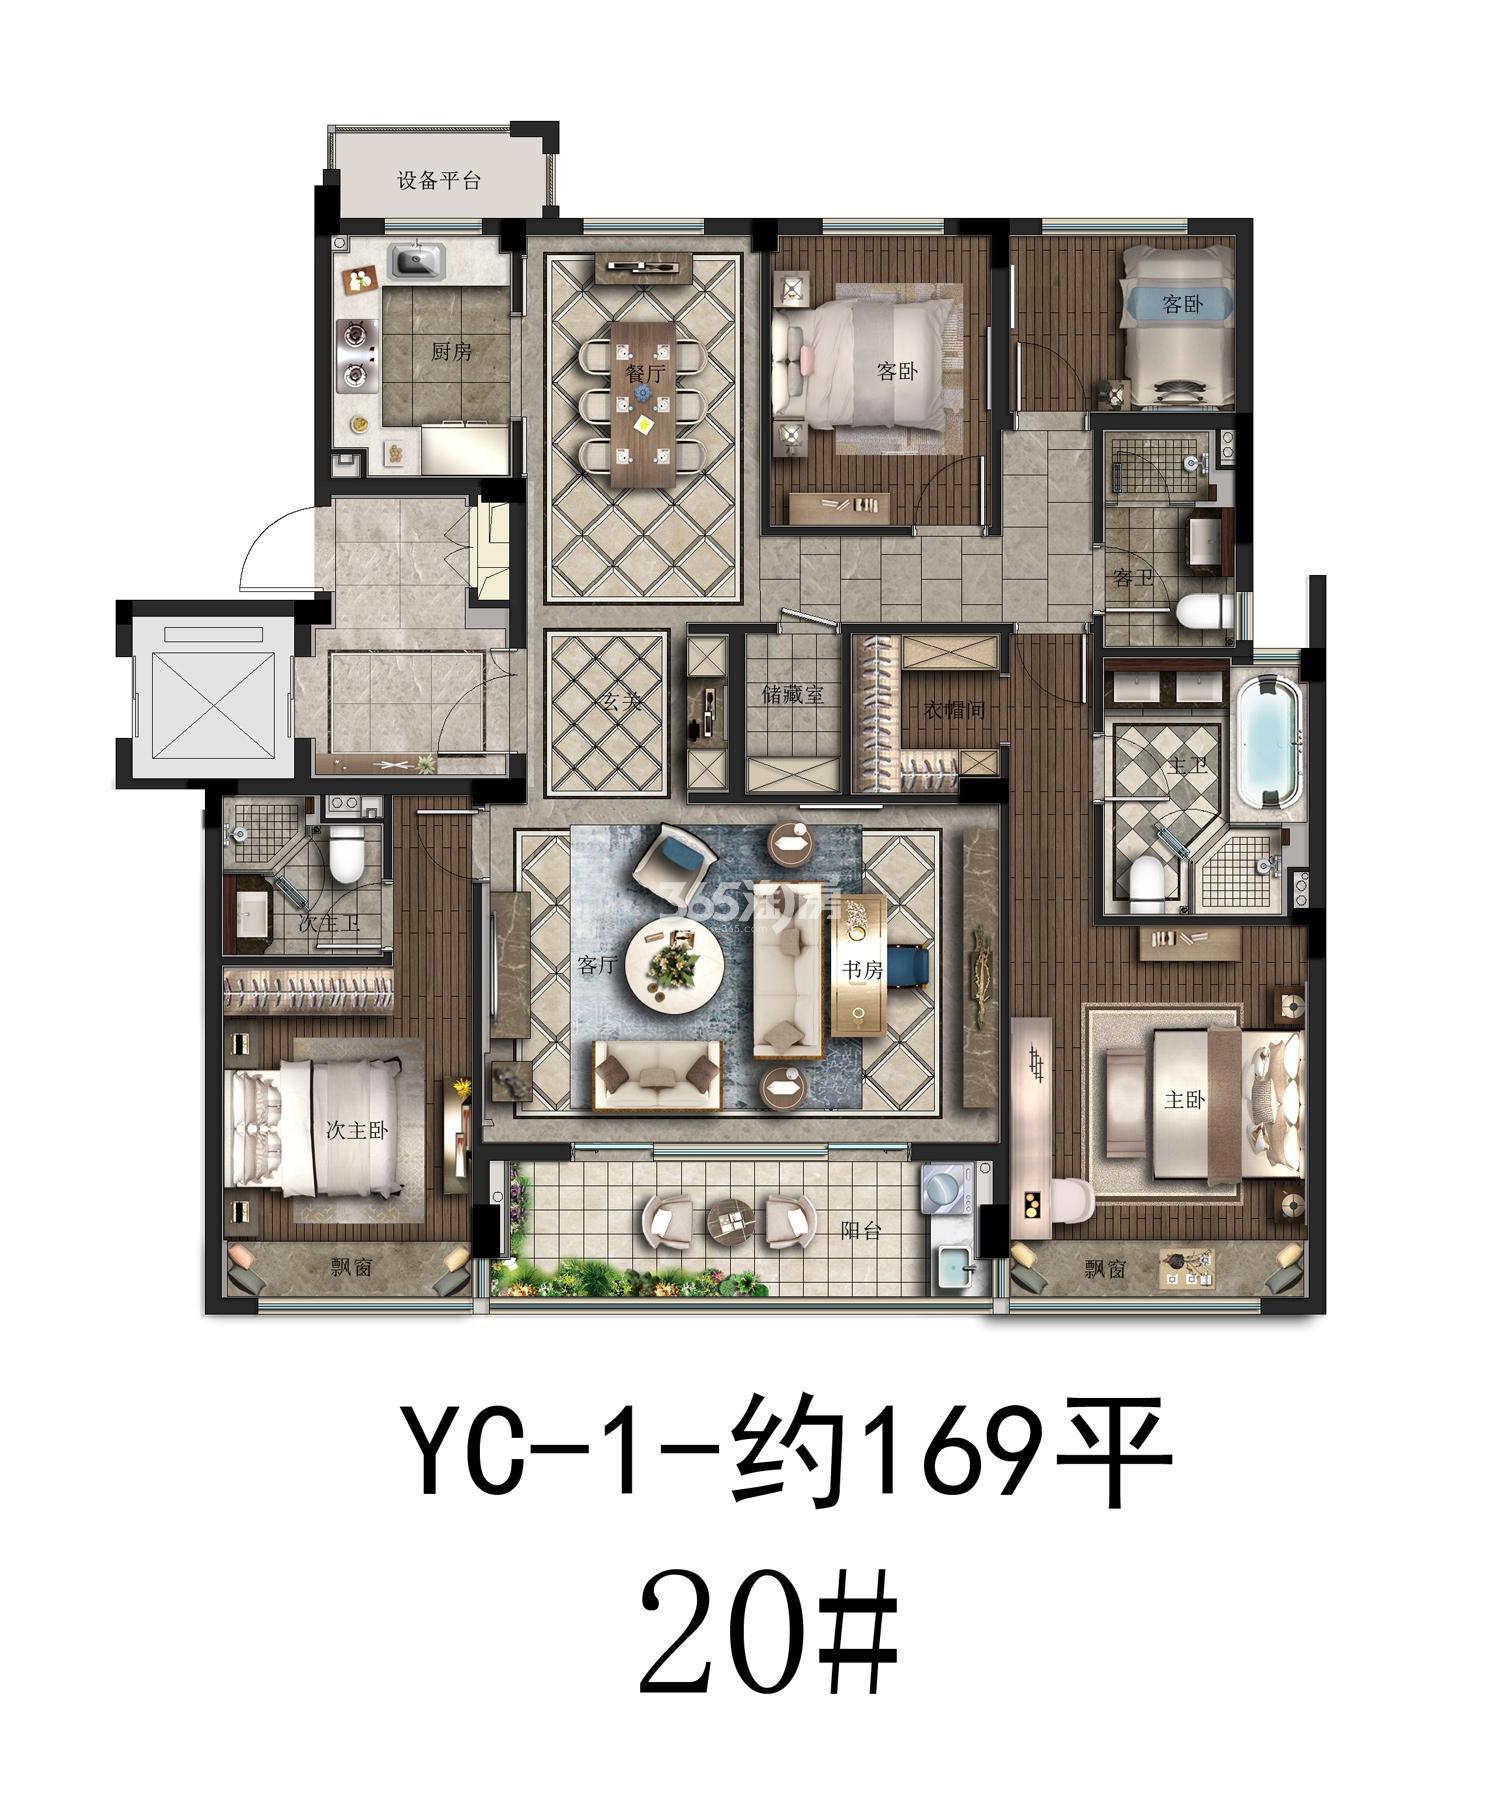 保利澄品洋房C-1户型约169方(20#)